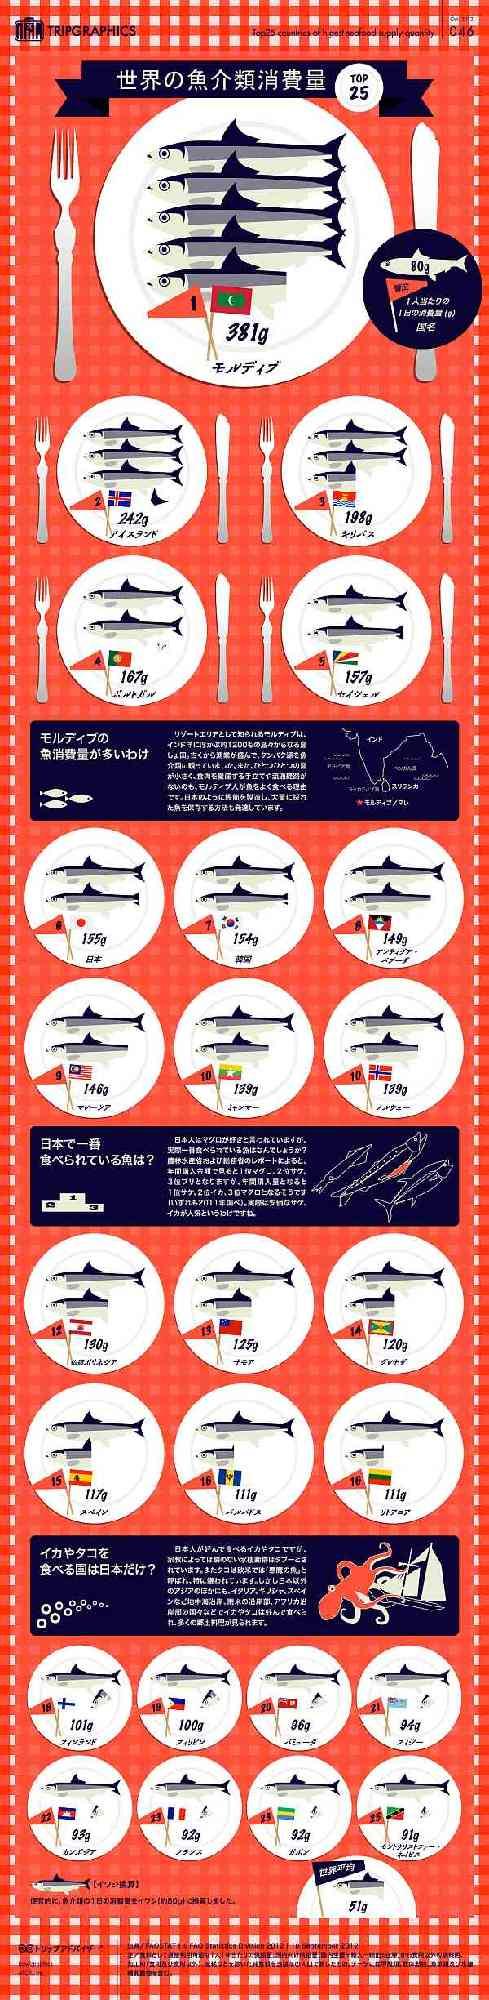 トリップアドバイザーによる「世界の魚介類消費量 TOP25」   *クリックすると大きな画像を表示できます